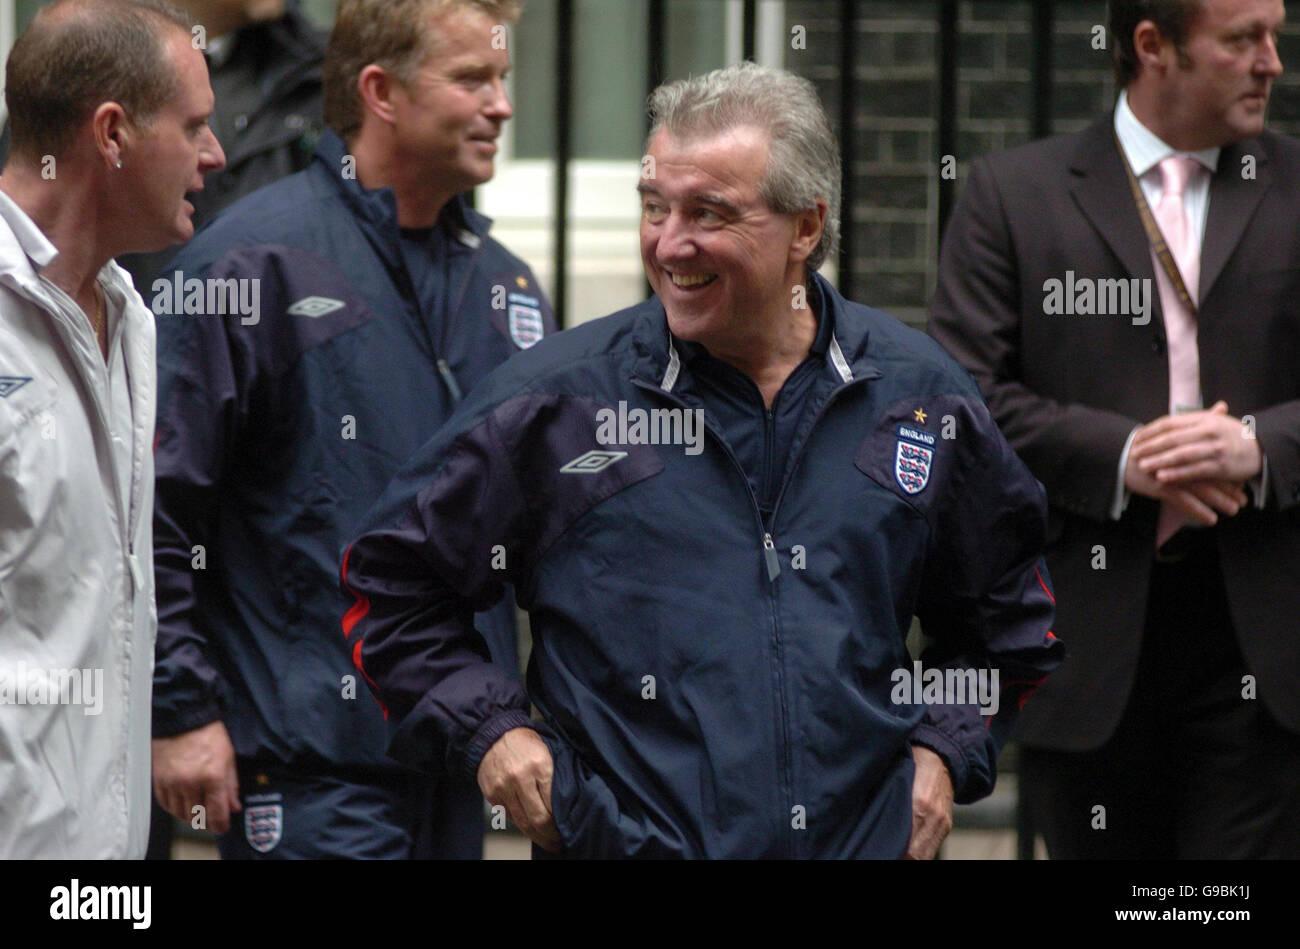 Terry Venables et Paul Gascoigne et d'autres membres de l'équipe de football de l'Angleterre ne Photo Stock